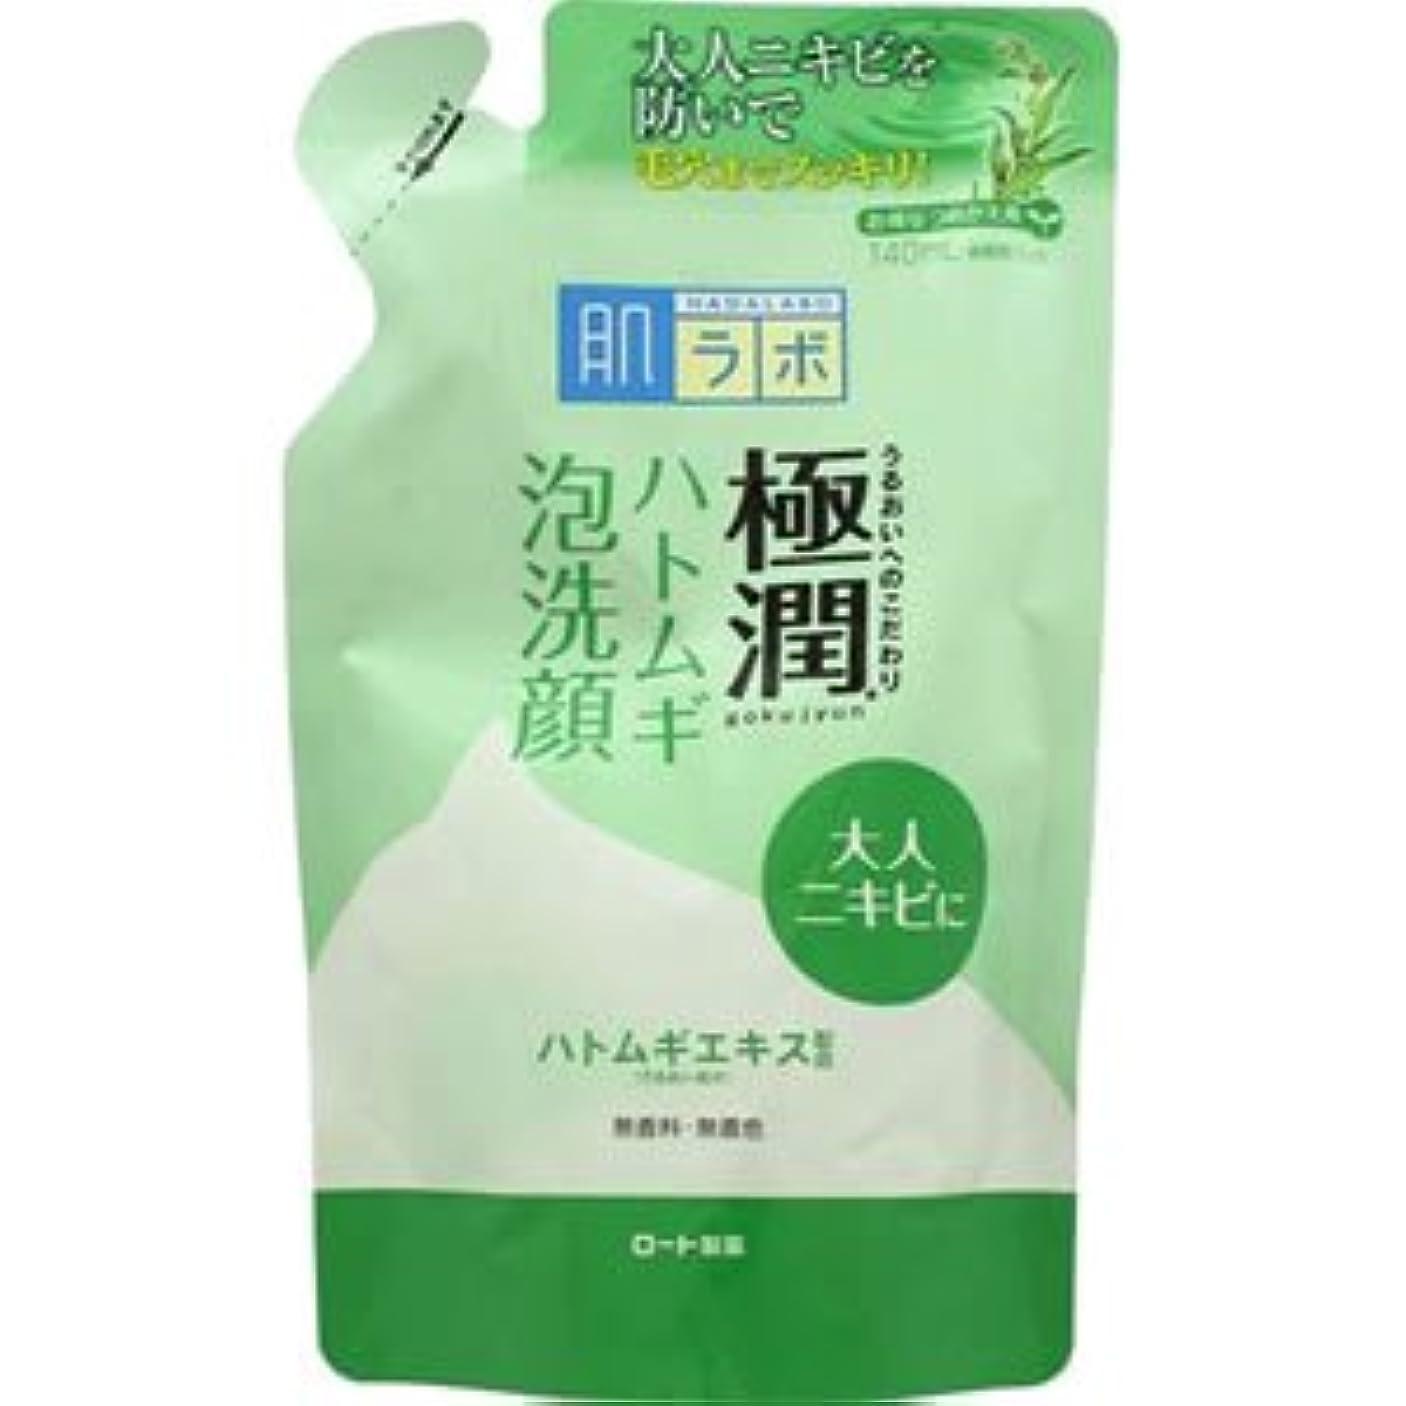 偉業ボクシングエロチック(ロート製薬)肌研 極潤ハトムギ泡洗顔 140ml(つめかえ用)(お買い得3個セット)